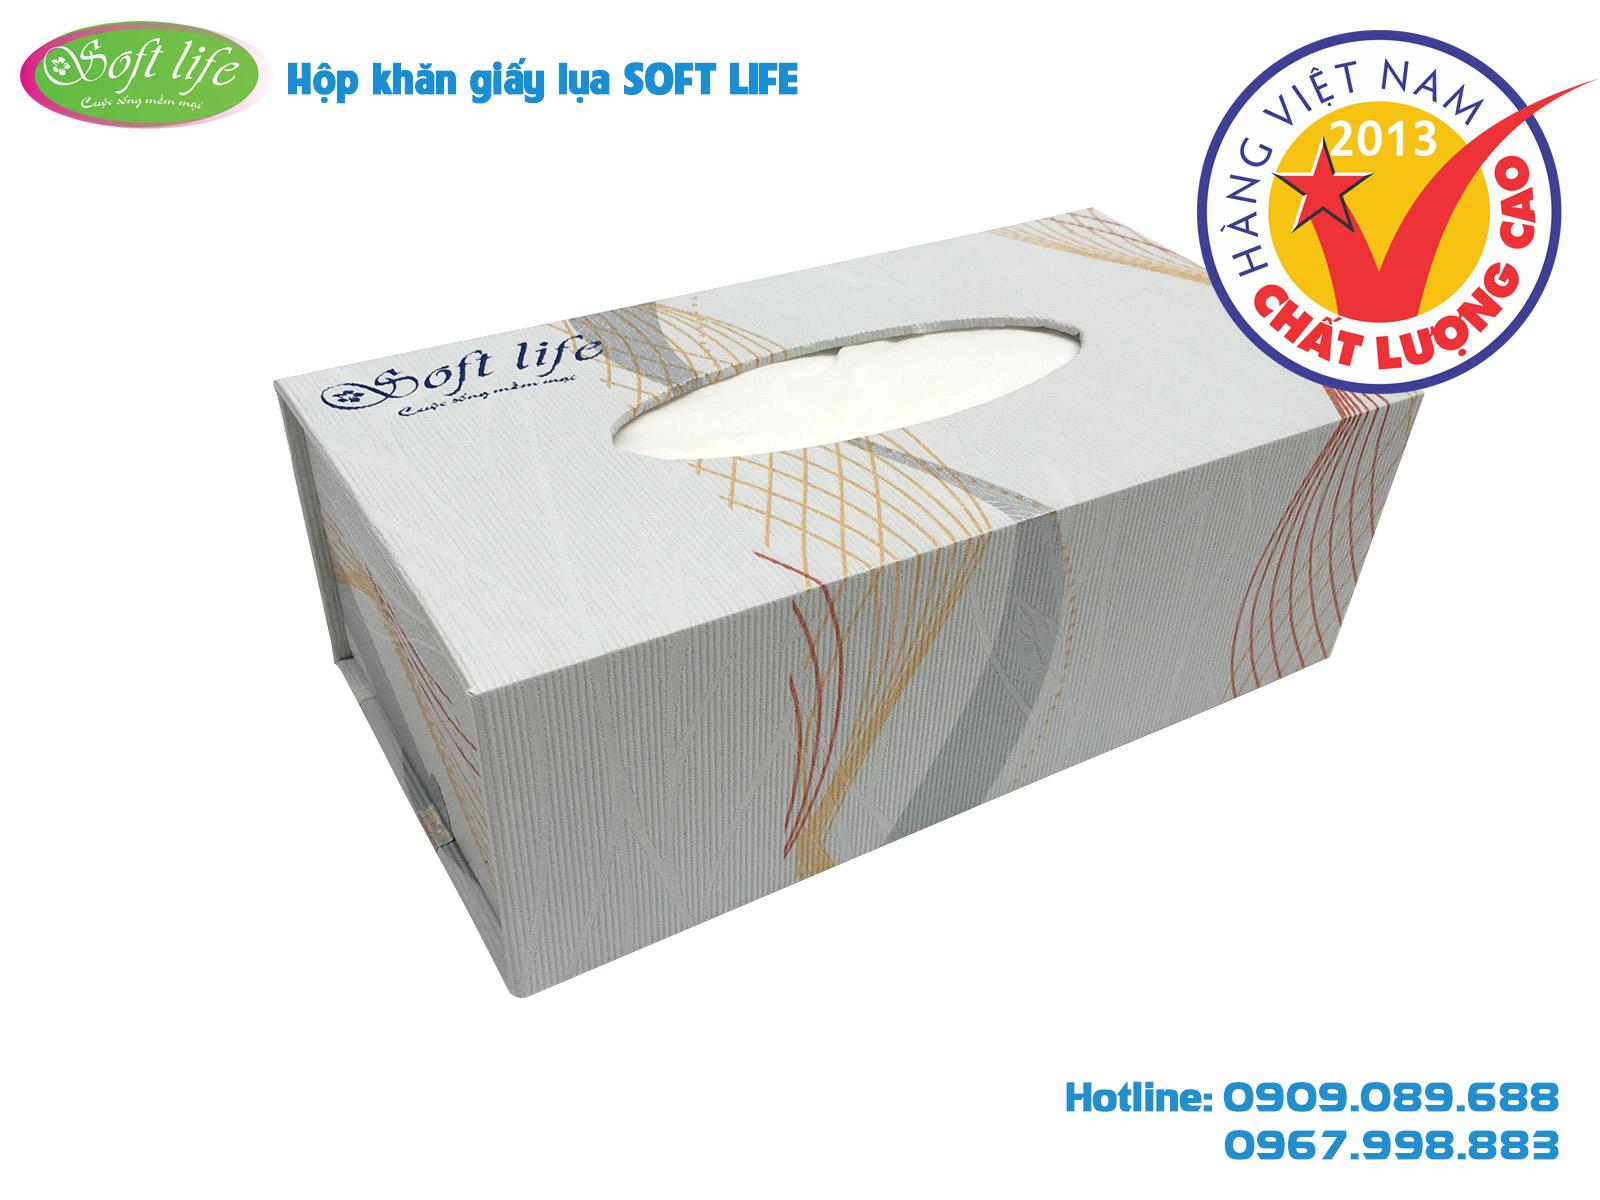 Hộp giấy ăn cao cấp Soft Life